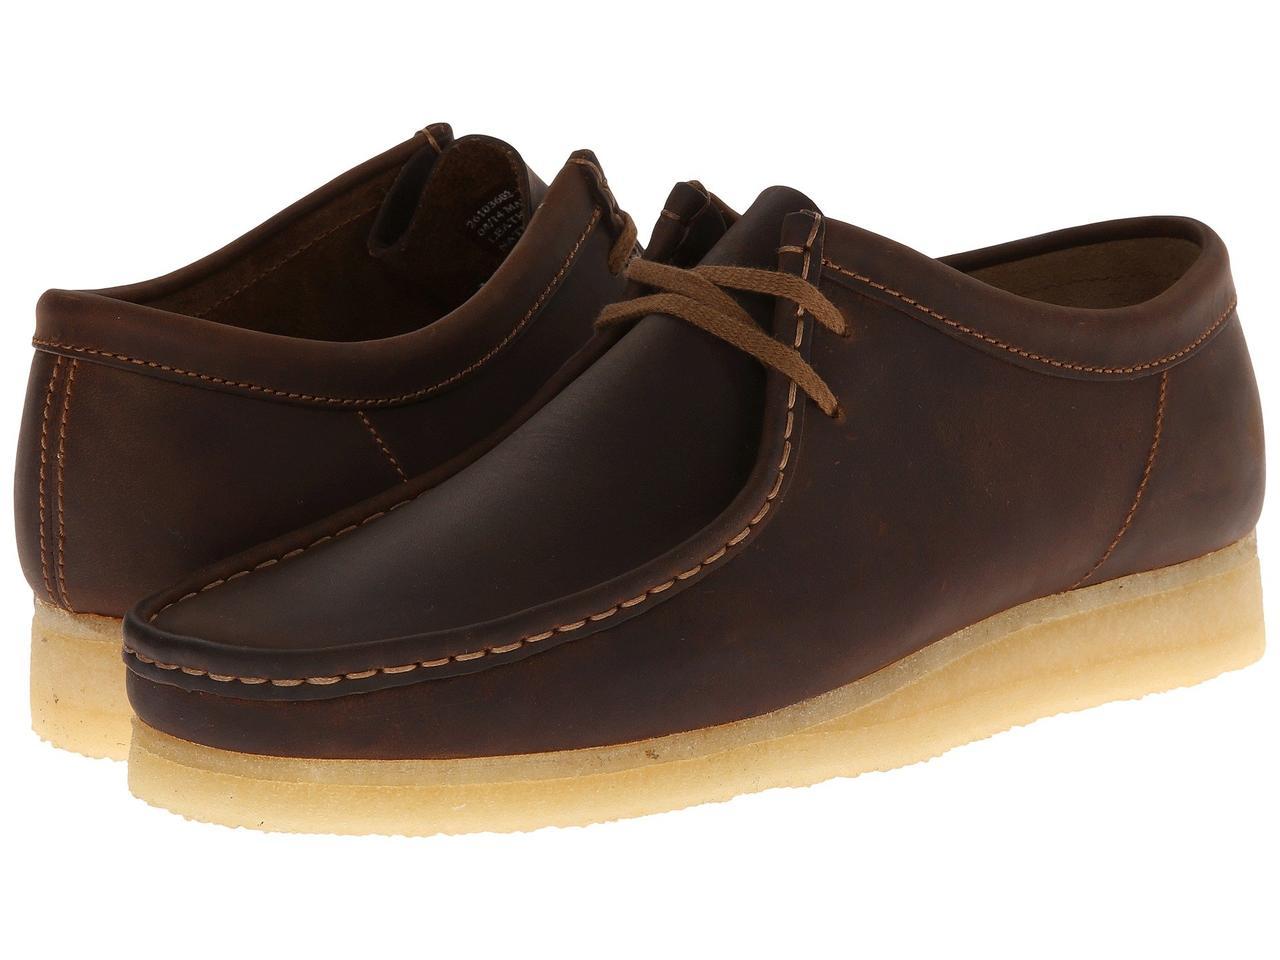 Туфли (Оригинал) Clarks Wallabee Beeswax Leather - TopUSA